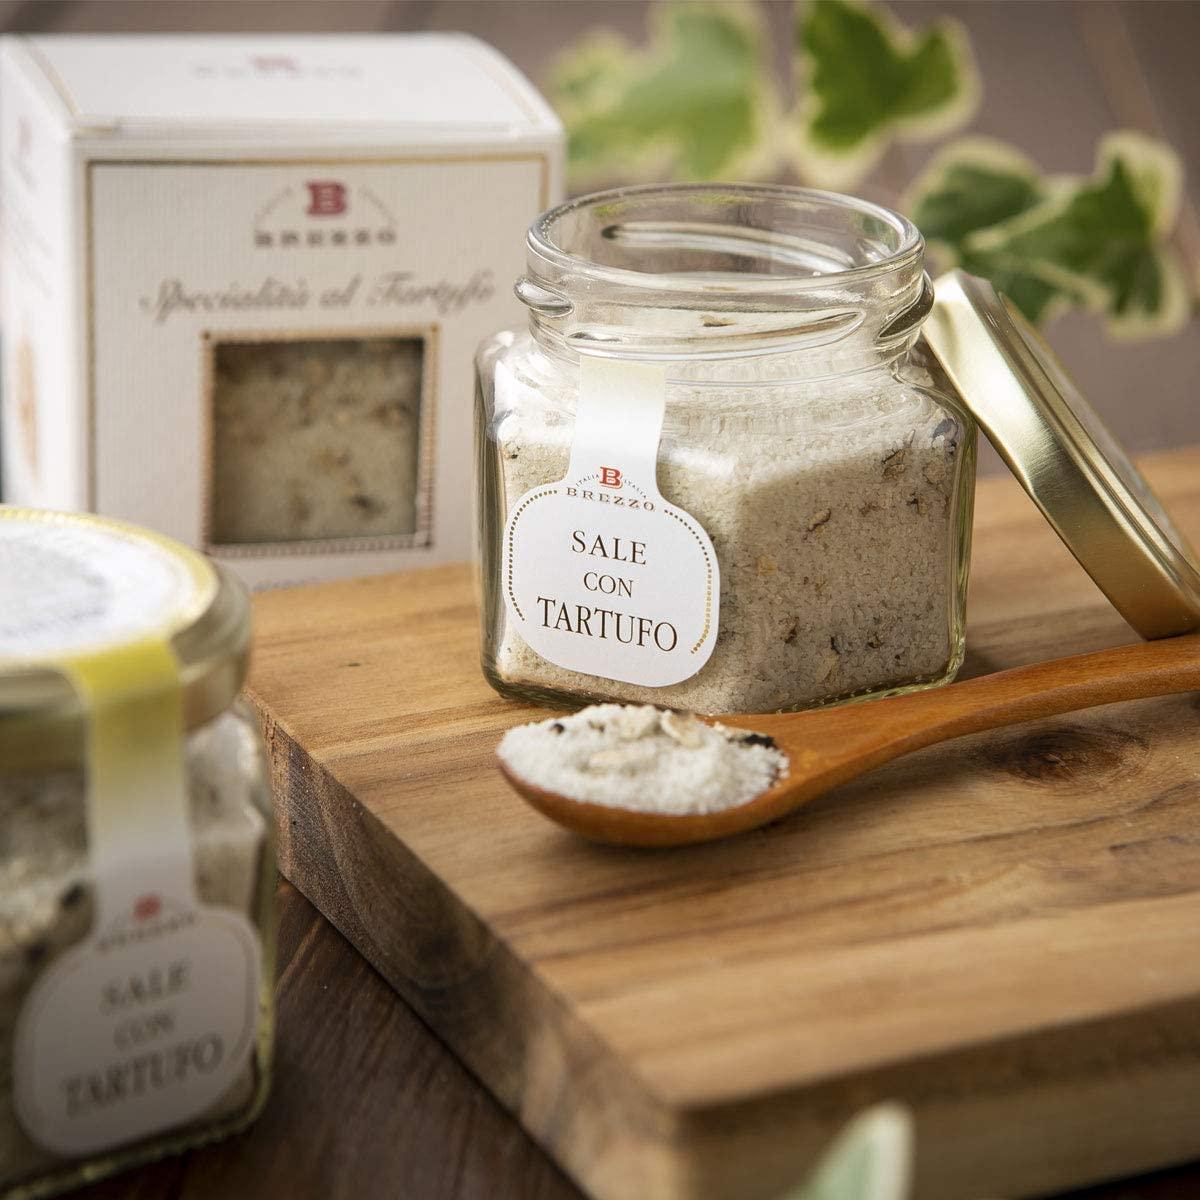 トリュフ塩のおすすめ11選!フランス産やイタリア産も